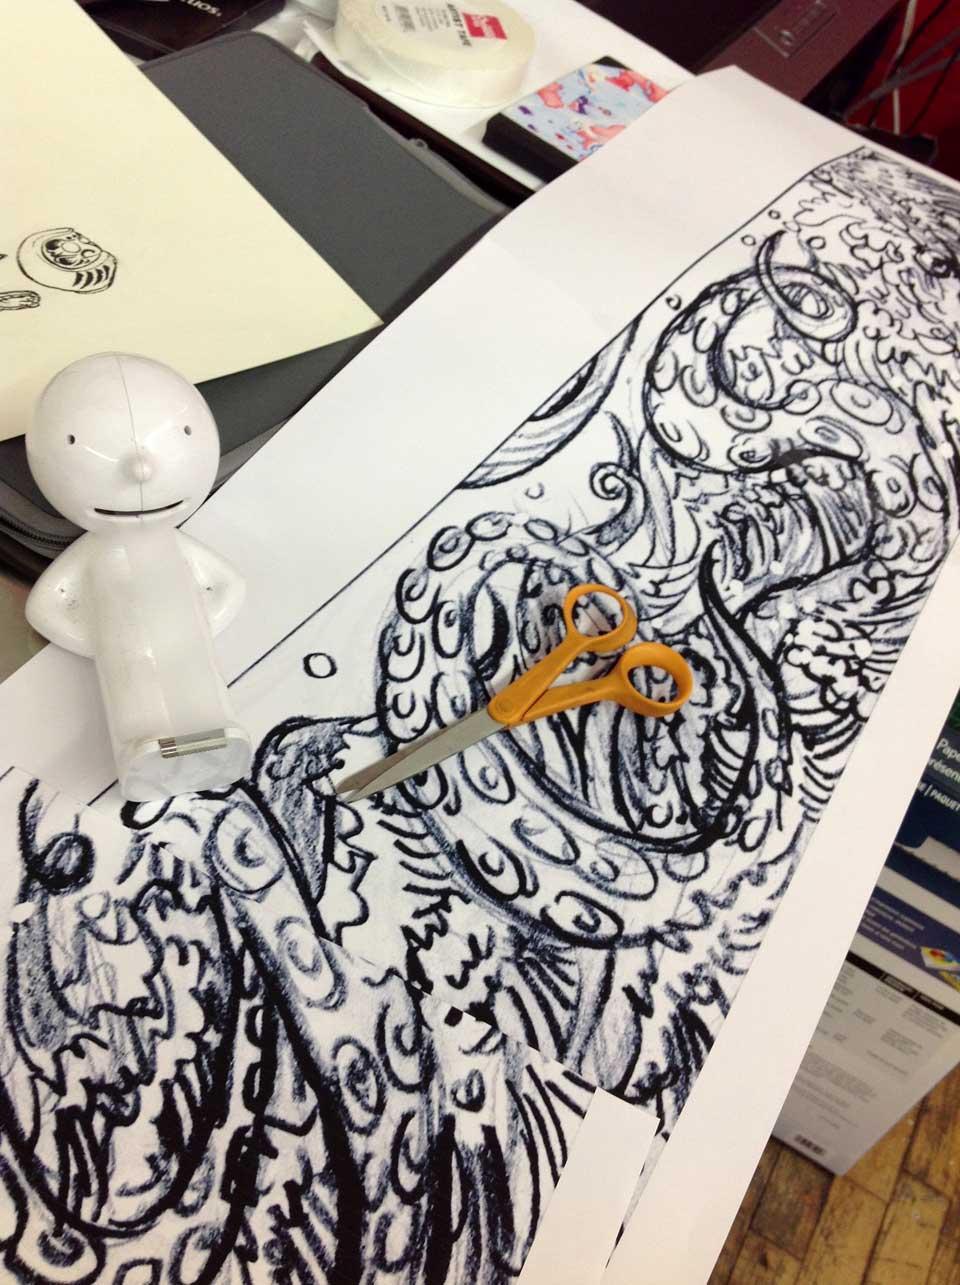 Yuko Shimizu - YES! DUMBO mural x Sagmeister -